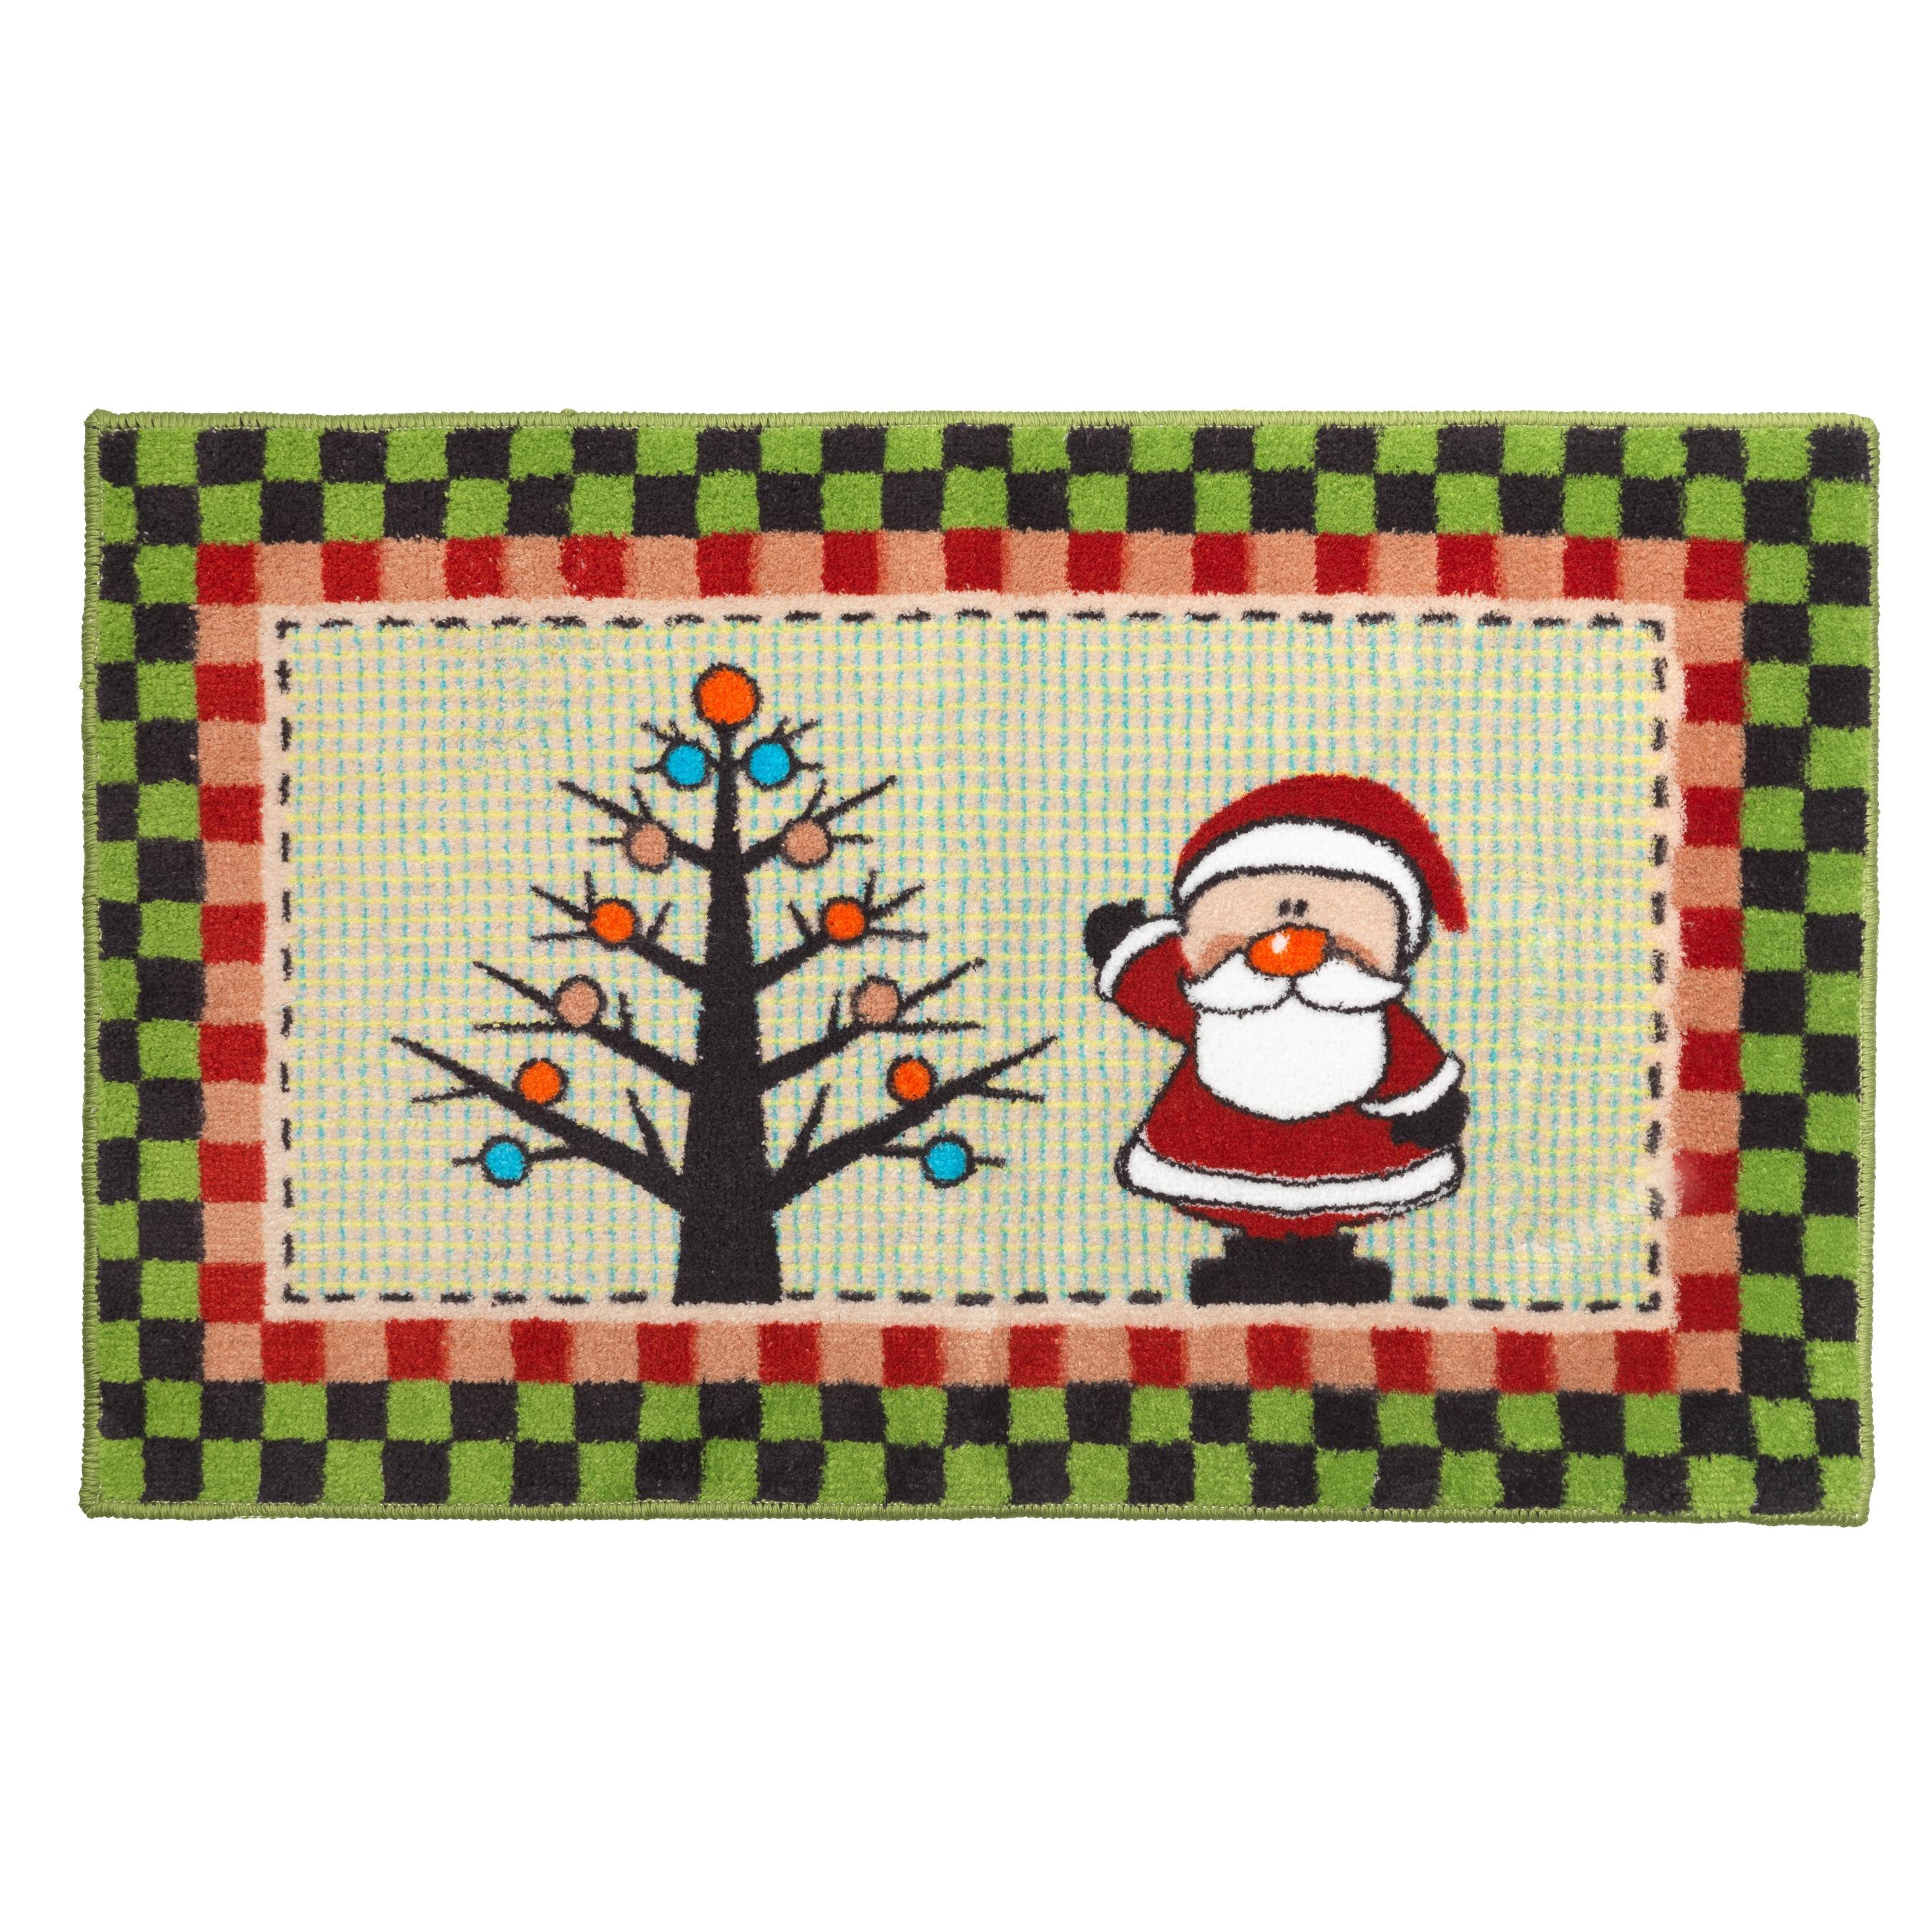 Americana Holiday Christmas Themed Bath Rug 19 X 34